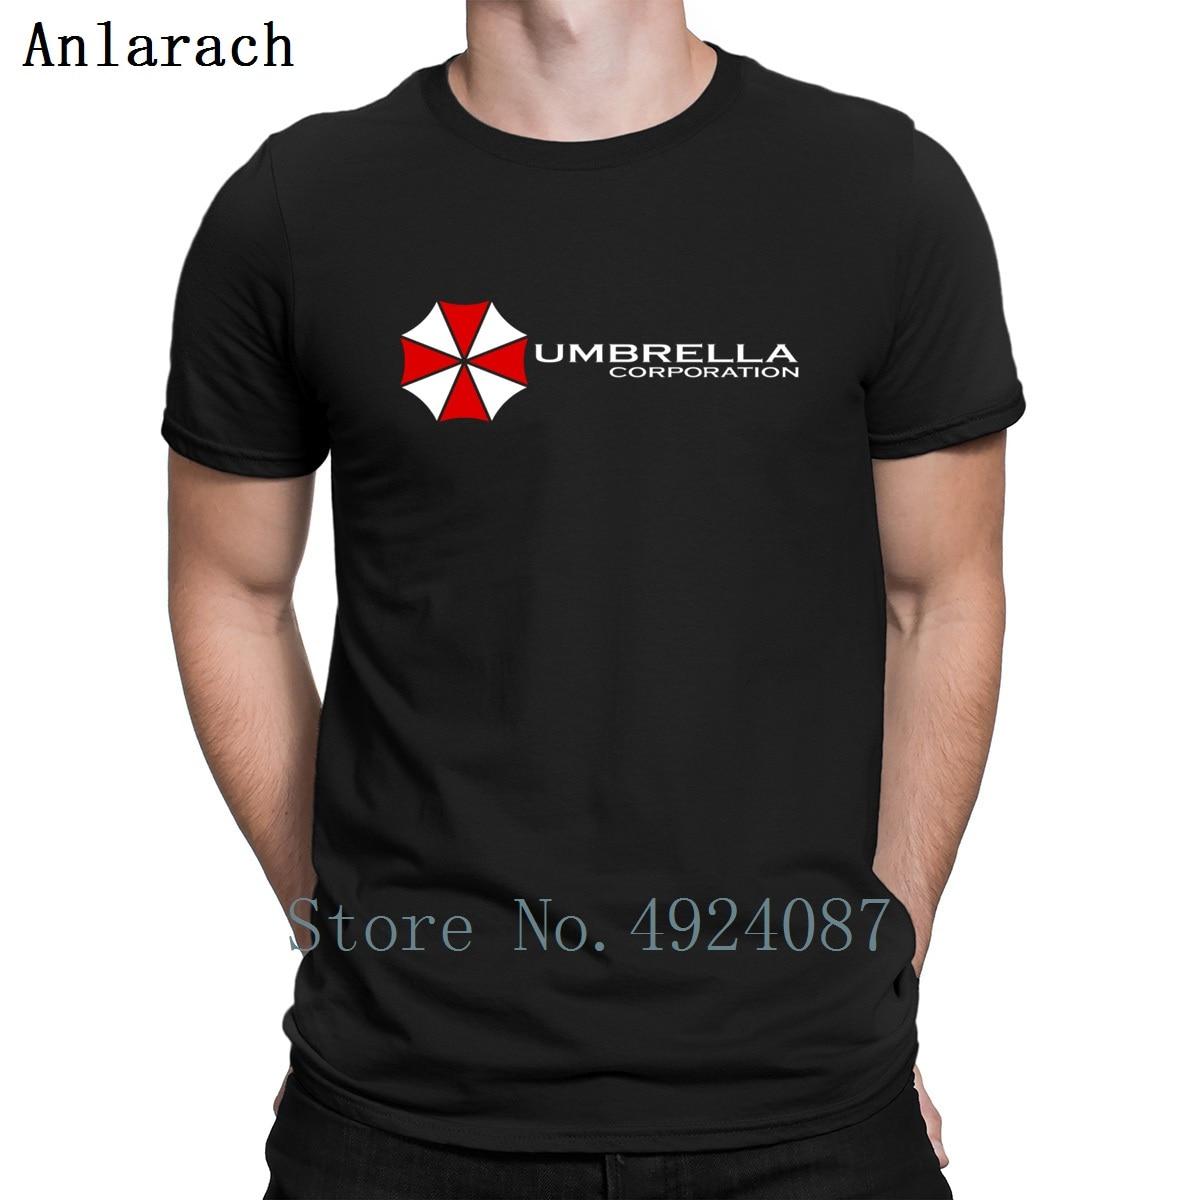 Umbrella Corp Jersey camiseta camisas de hip hop criatura humorística estilo de verano impreso Camiseta clásica gran oferta de imágenes de manga corta